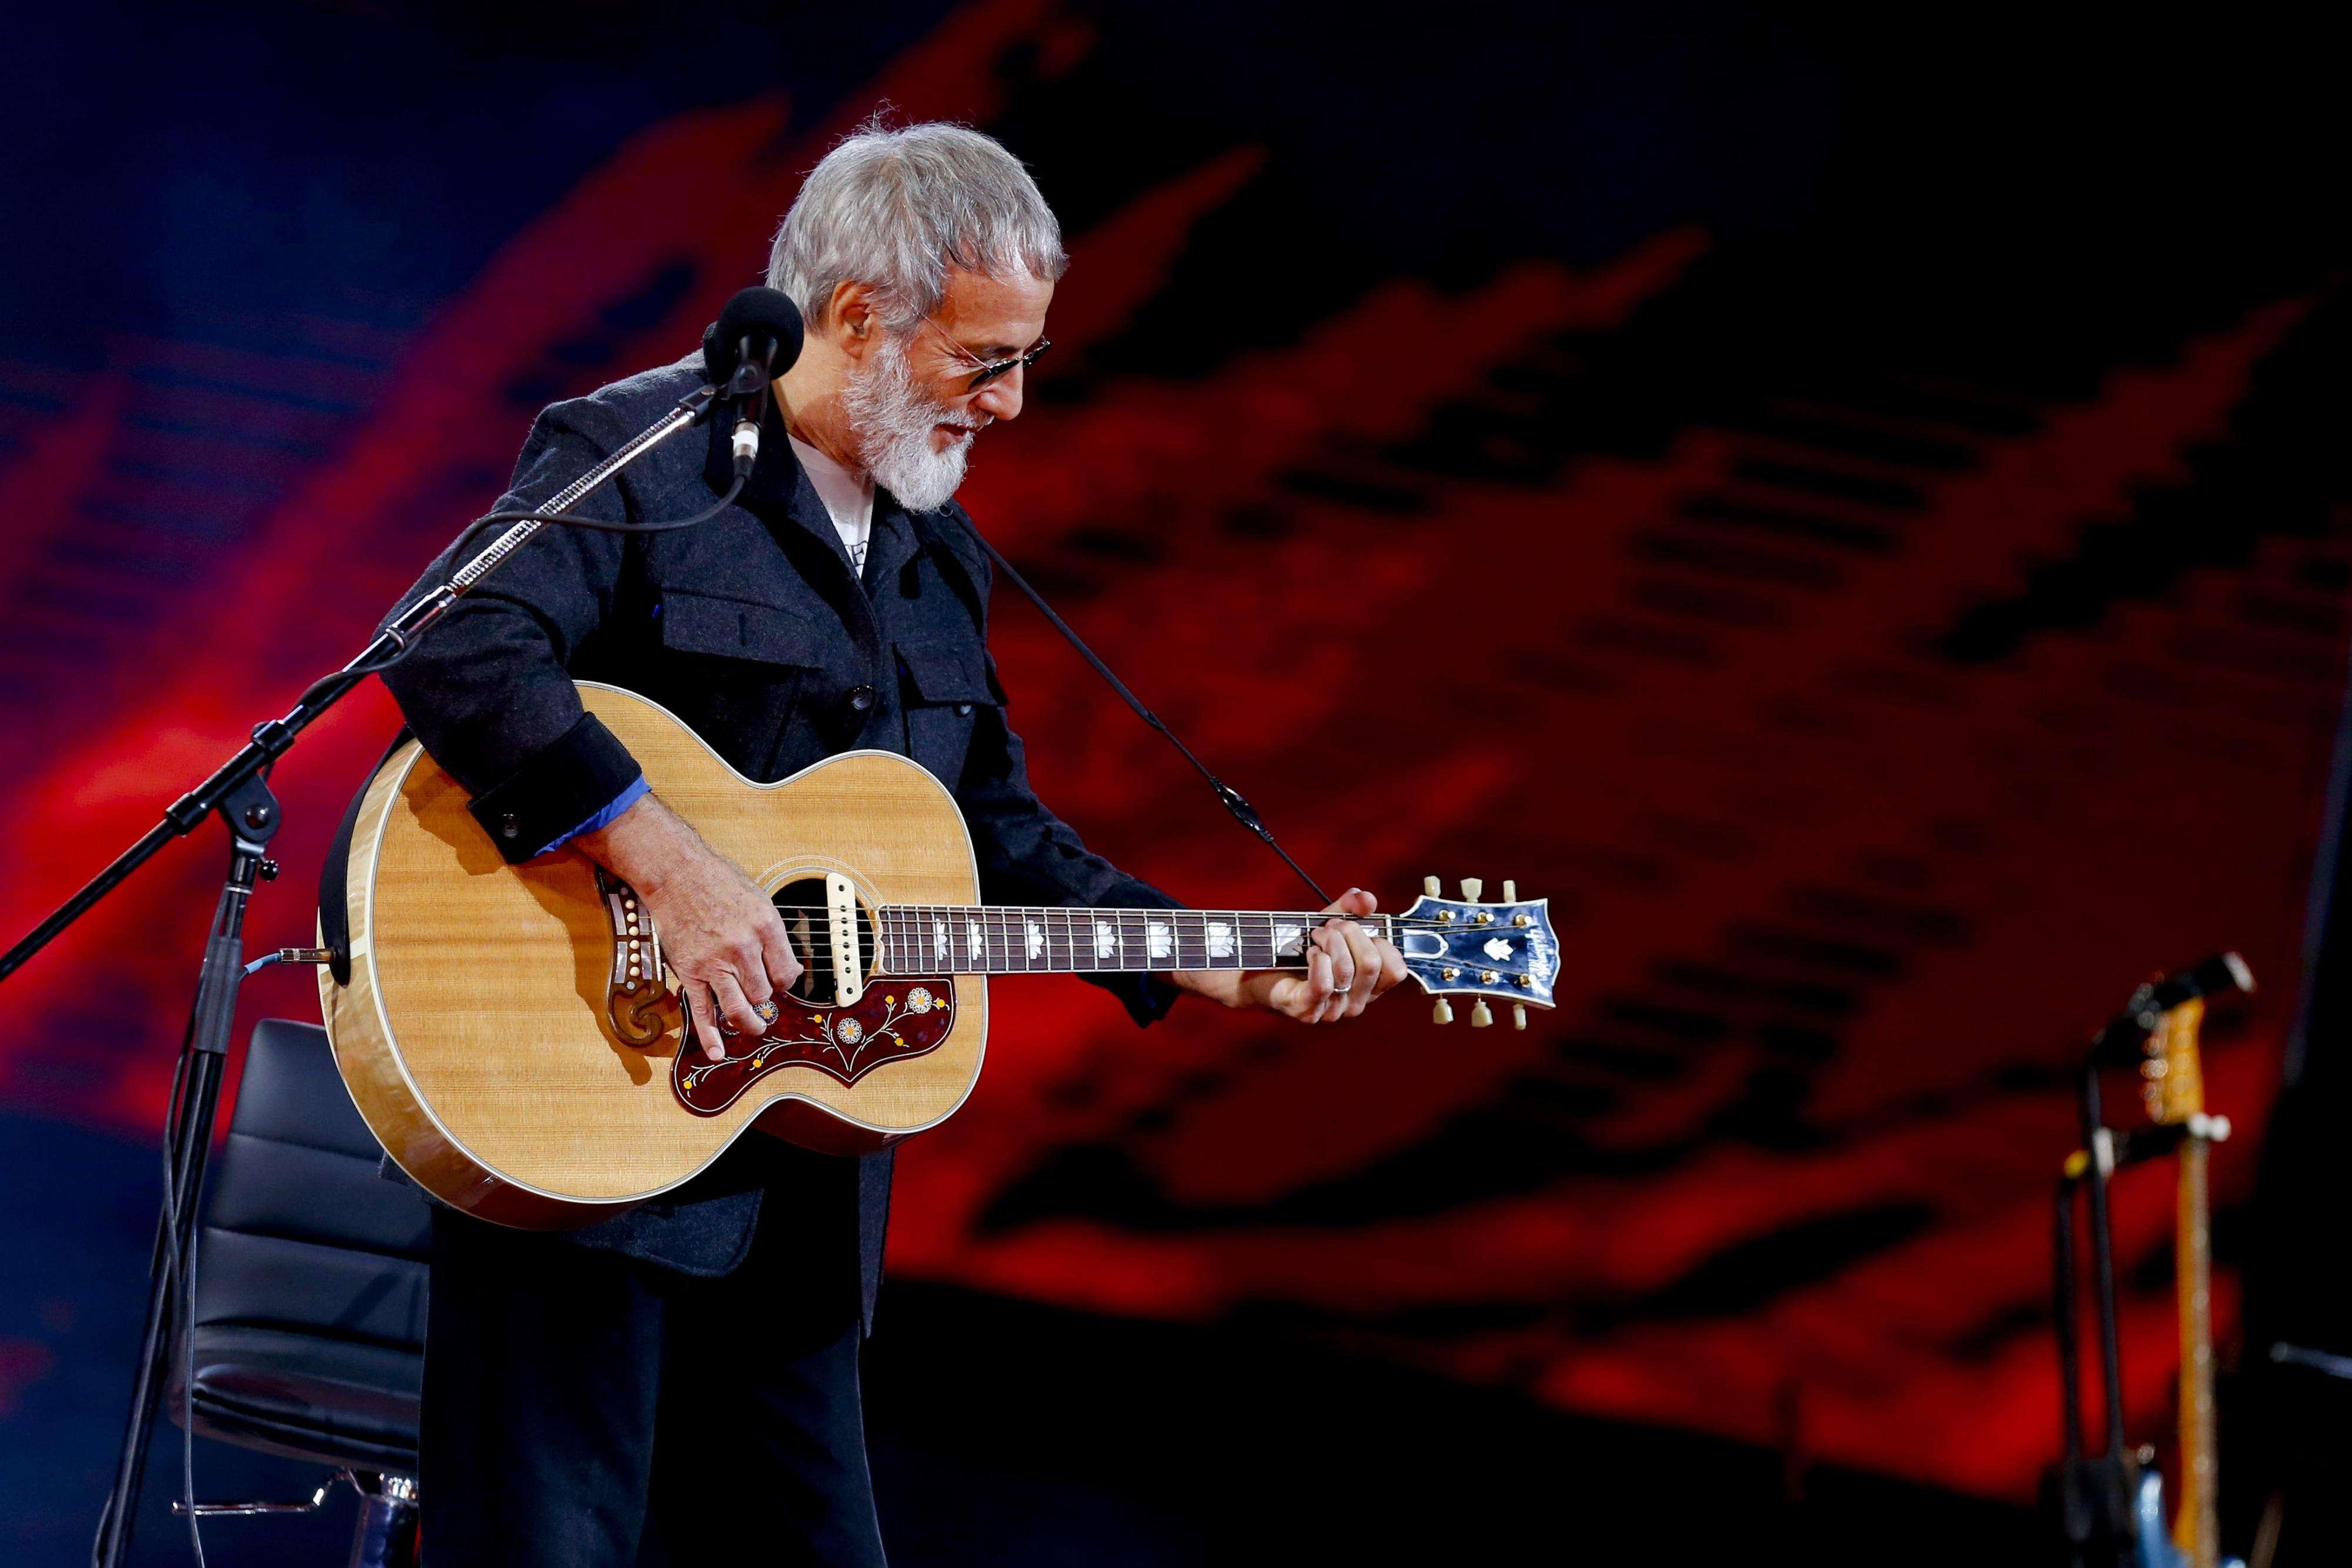 El veterano Cat Stevens se presentó en la última noche de Viña 2015 y puso a la Quinta a corear con cover de The Beatles incluido. Foto: A